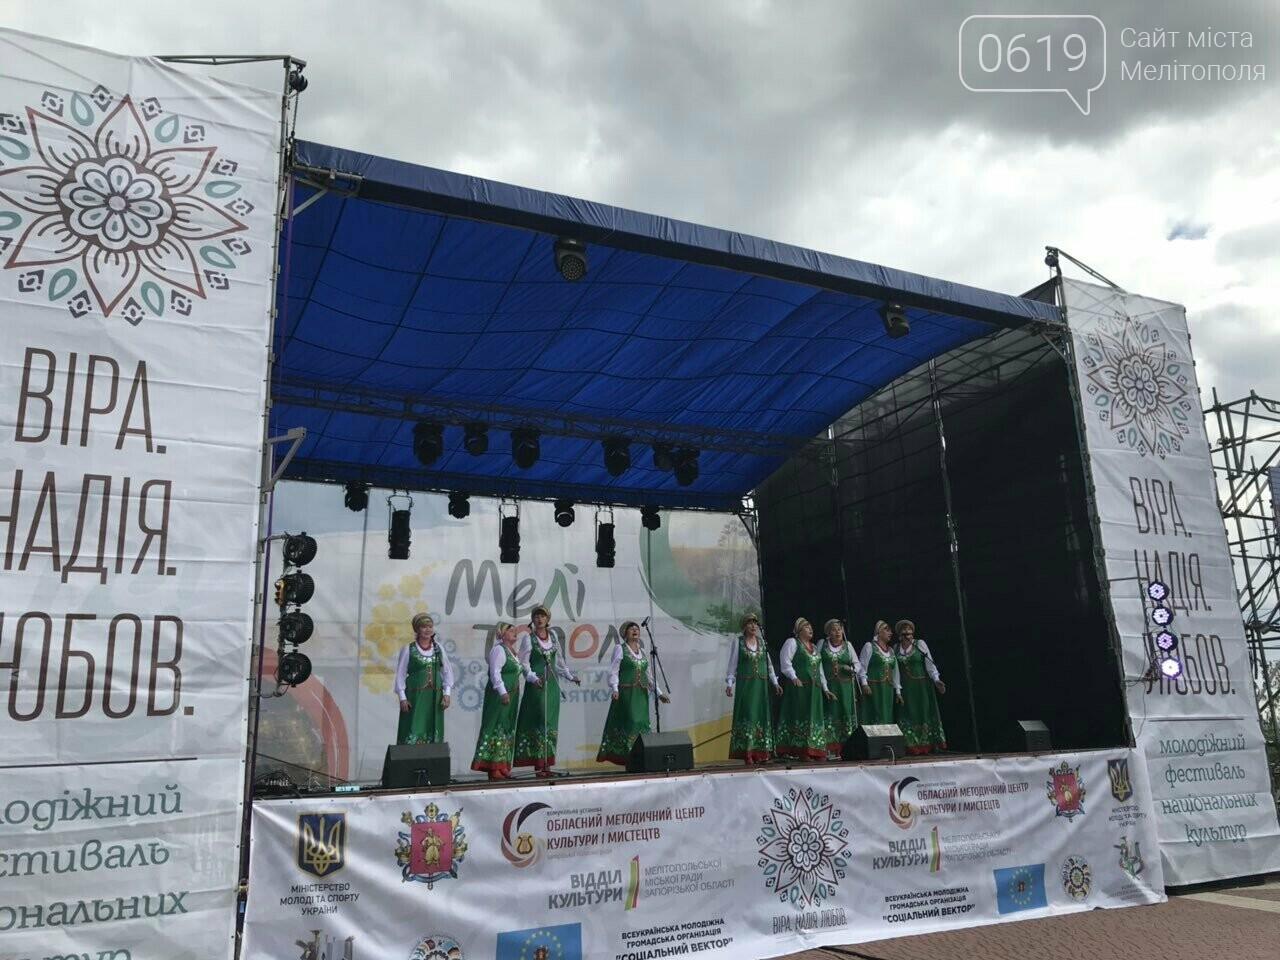 Вкусные блюда, яркие костюмы, выставки-ярмарки: в Мелитополе проходит фестиваль национальных культур, фото-5